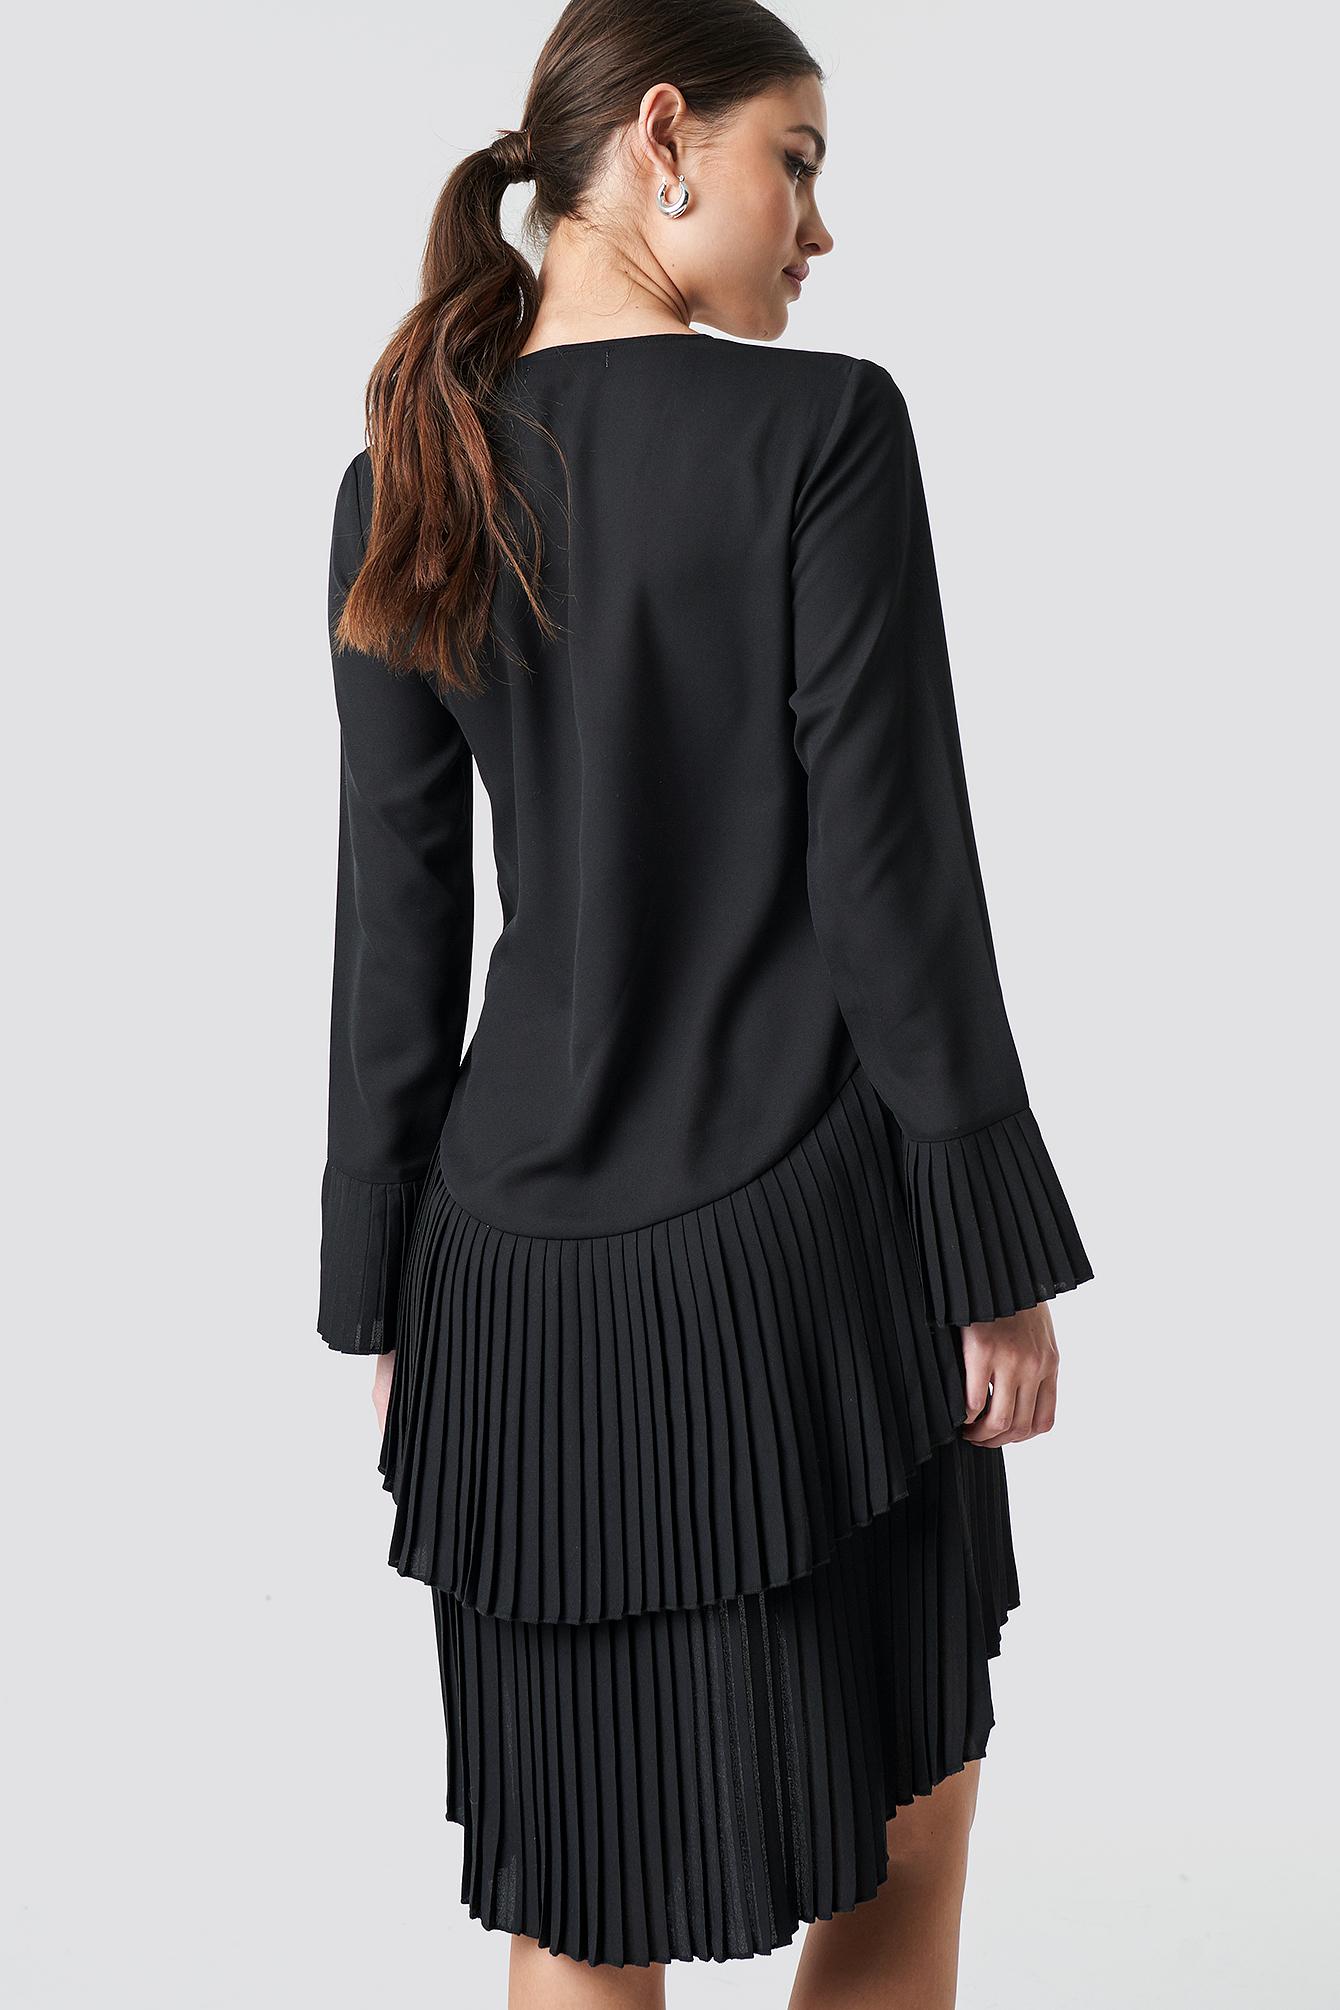 Pleat Detail Layered Mini Dress NA-KD.COM